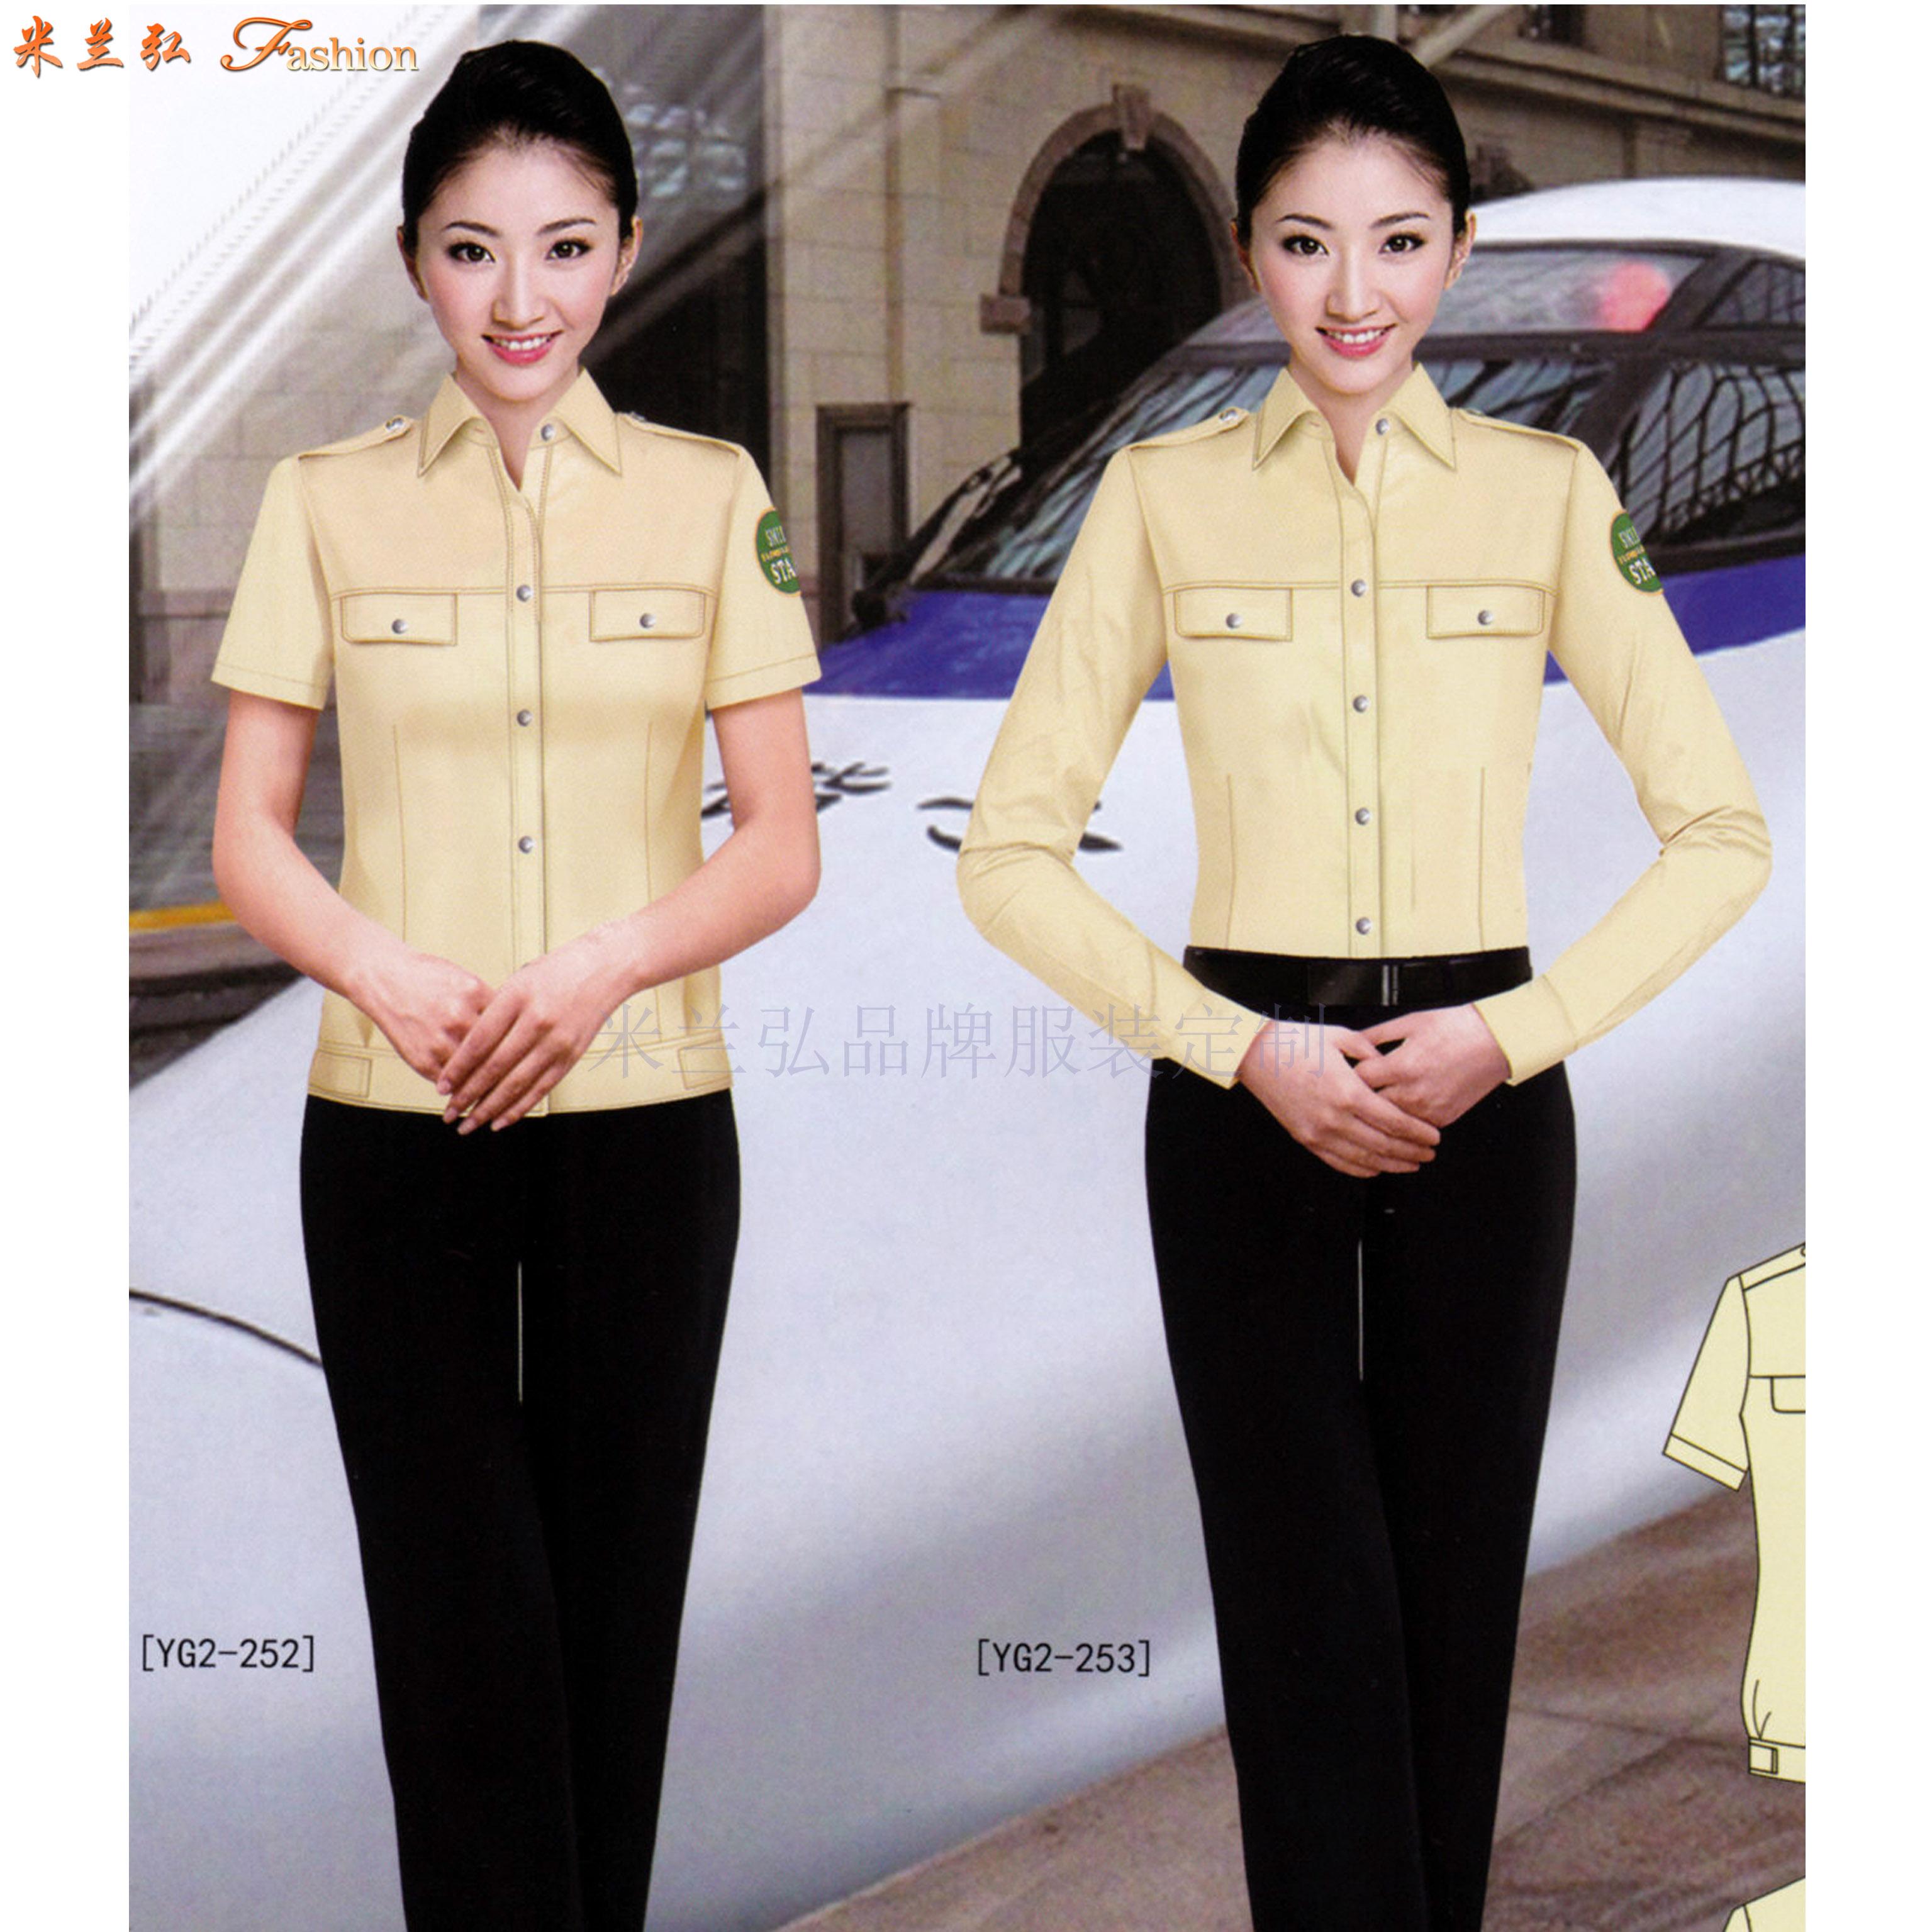 汽車站工作服-量身定做工作服廠家-米蘭弘服裝-2